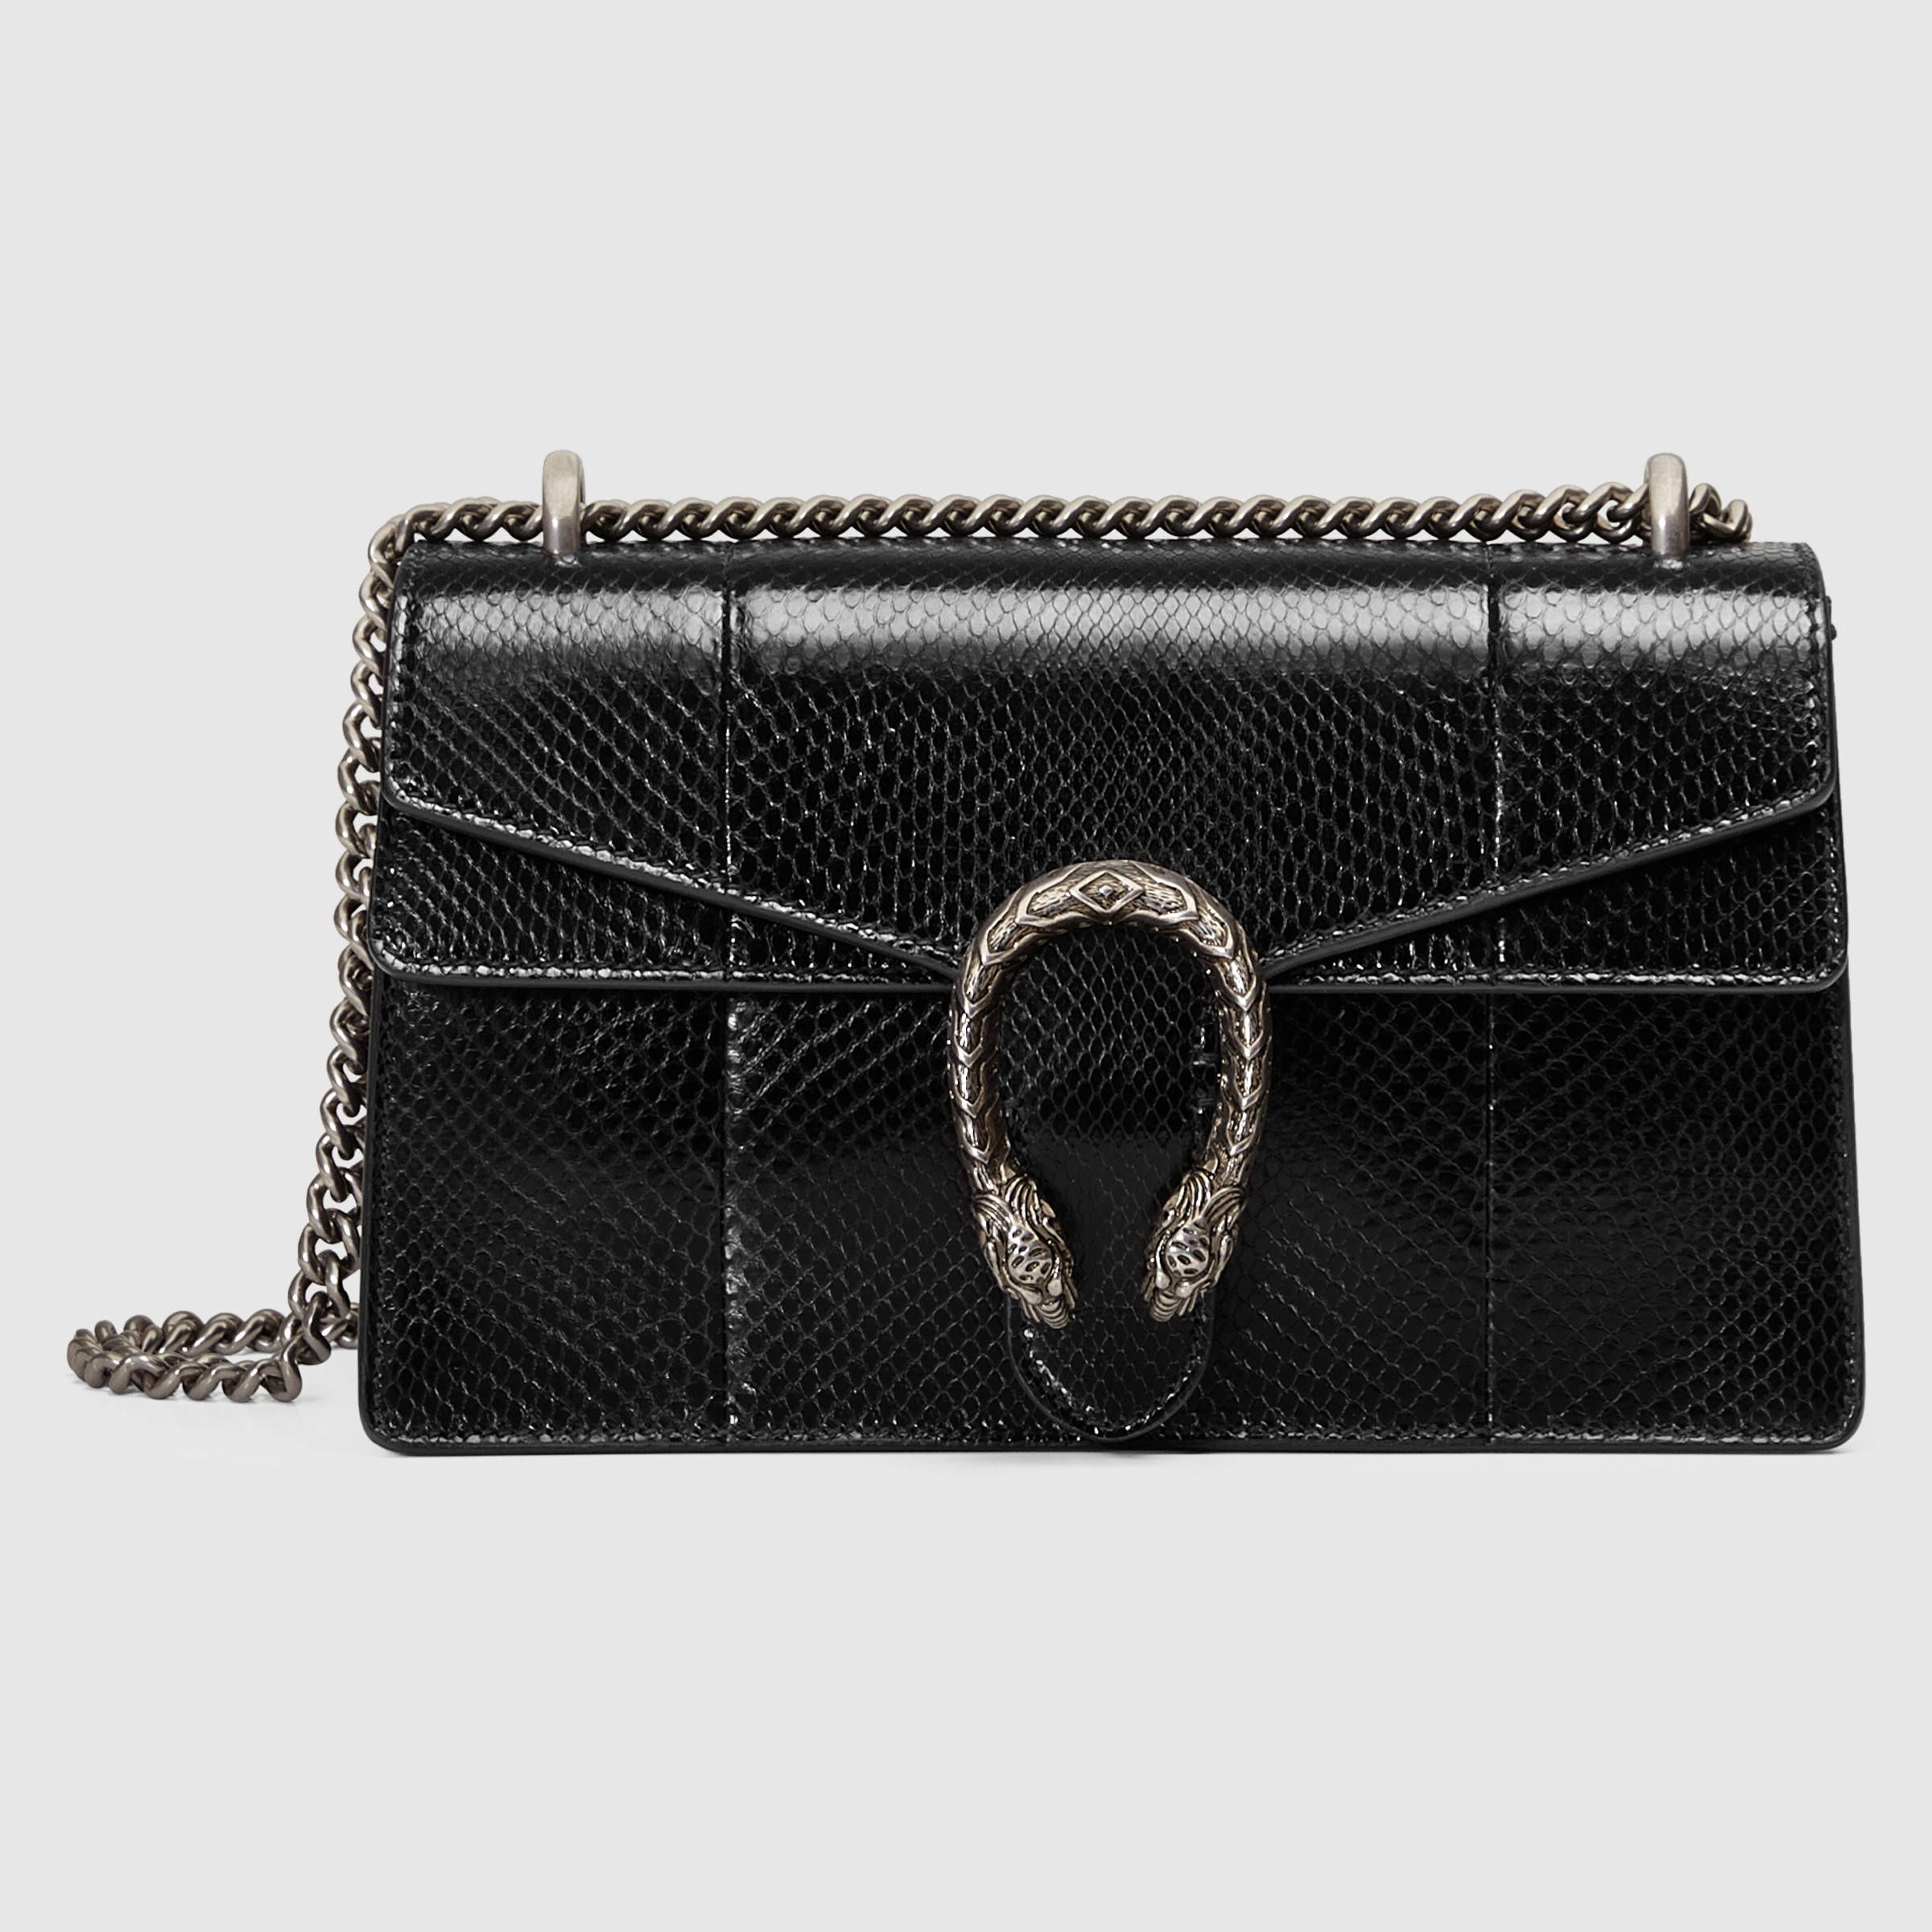 Gucci Bags · Le Dyonisos python, le petit sac parfait.    www.leasyluxe.com 74810a4b92f